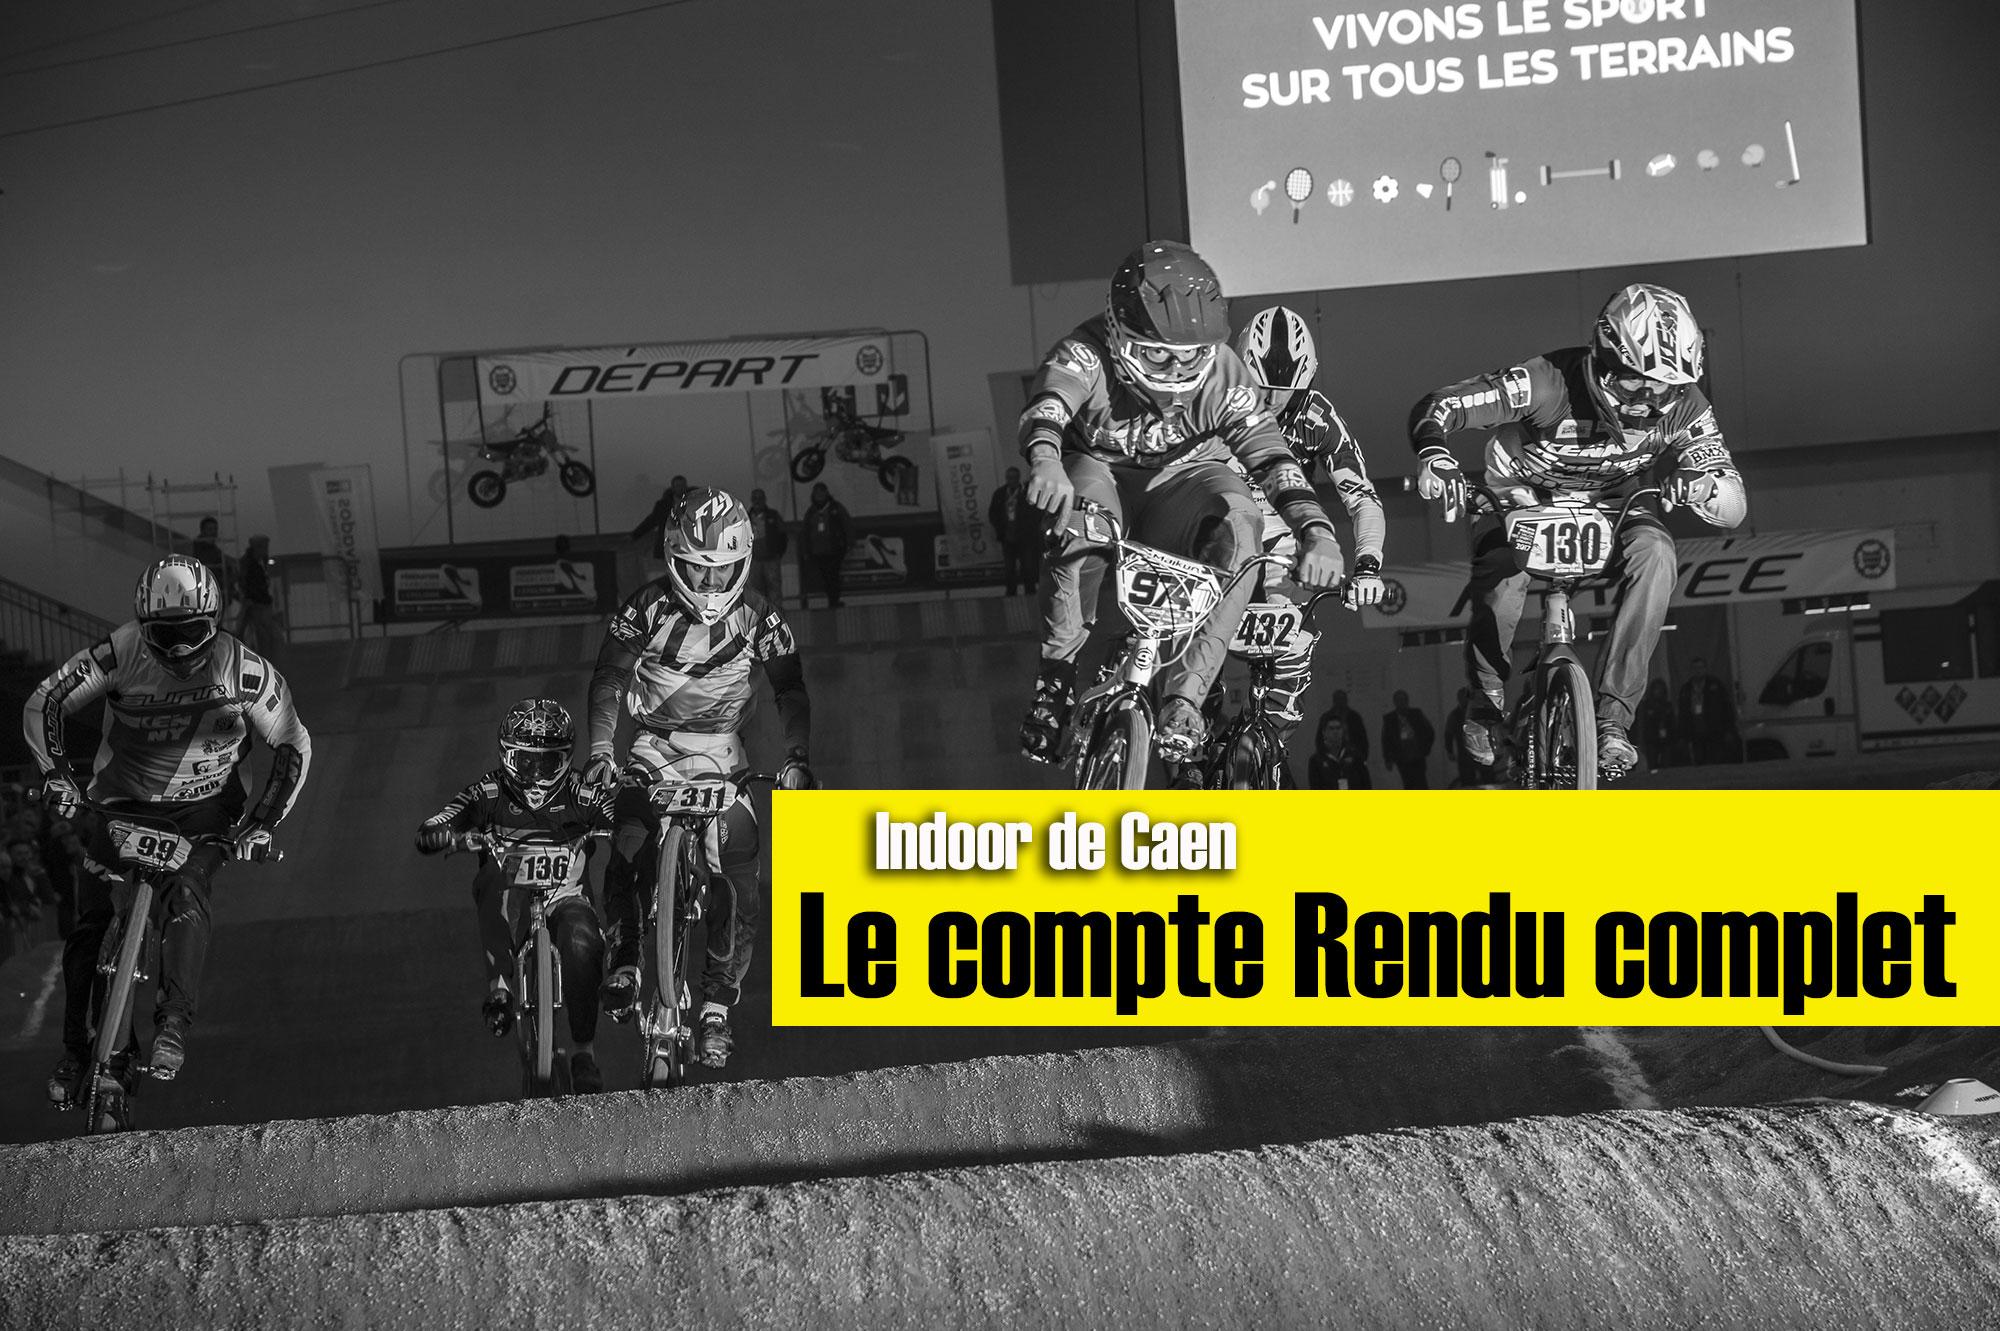 Indoor de Caen: Le grand compte rendu par catégories